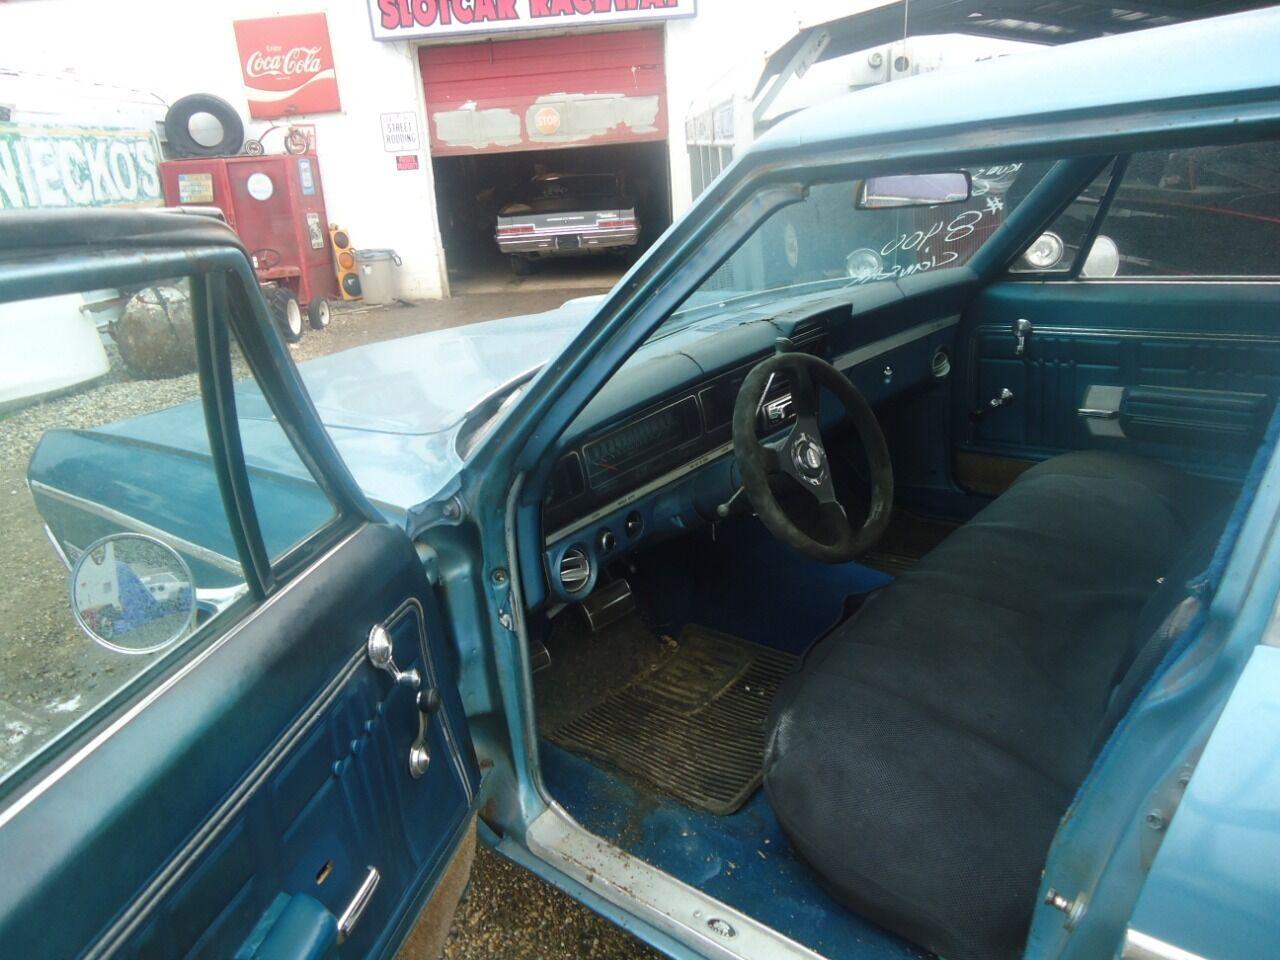 1968 Chevrolet Impala 7